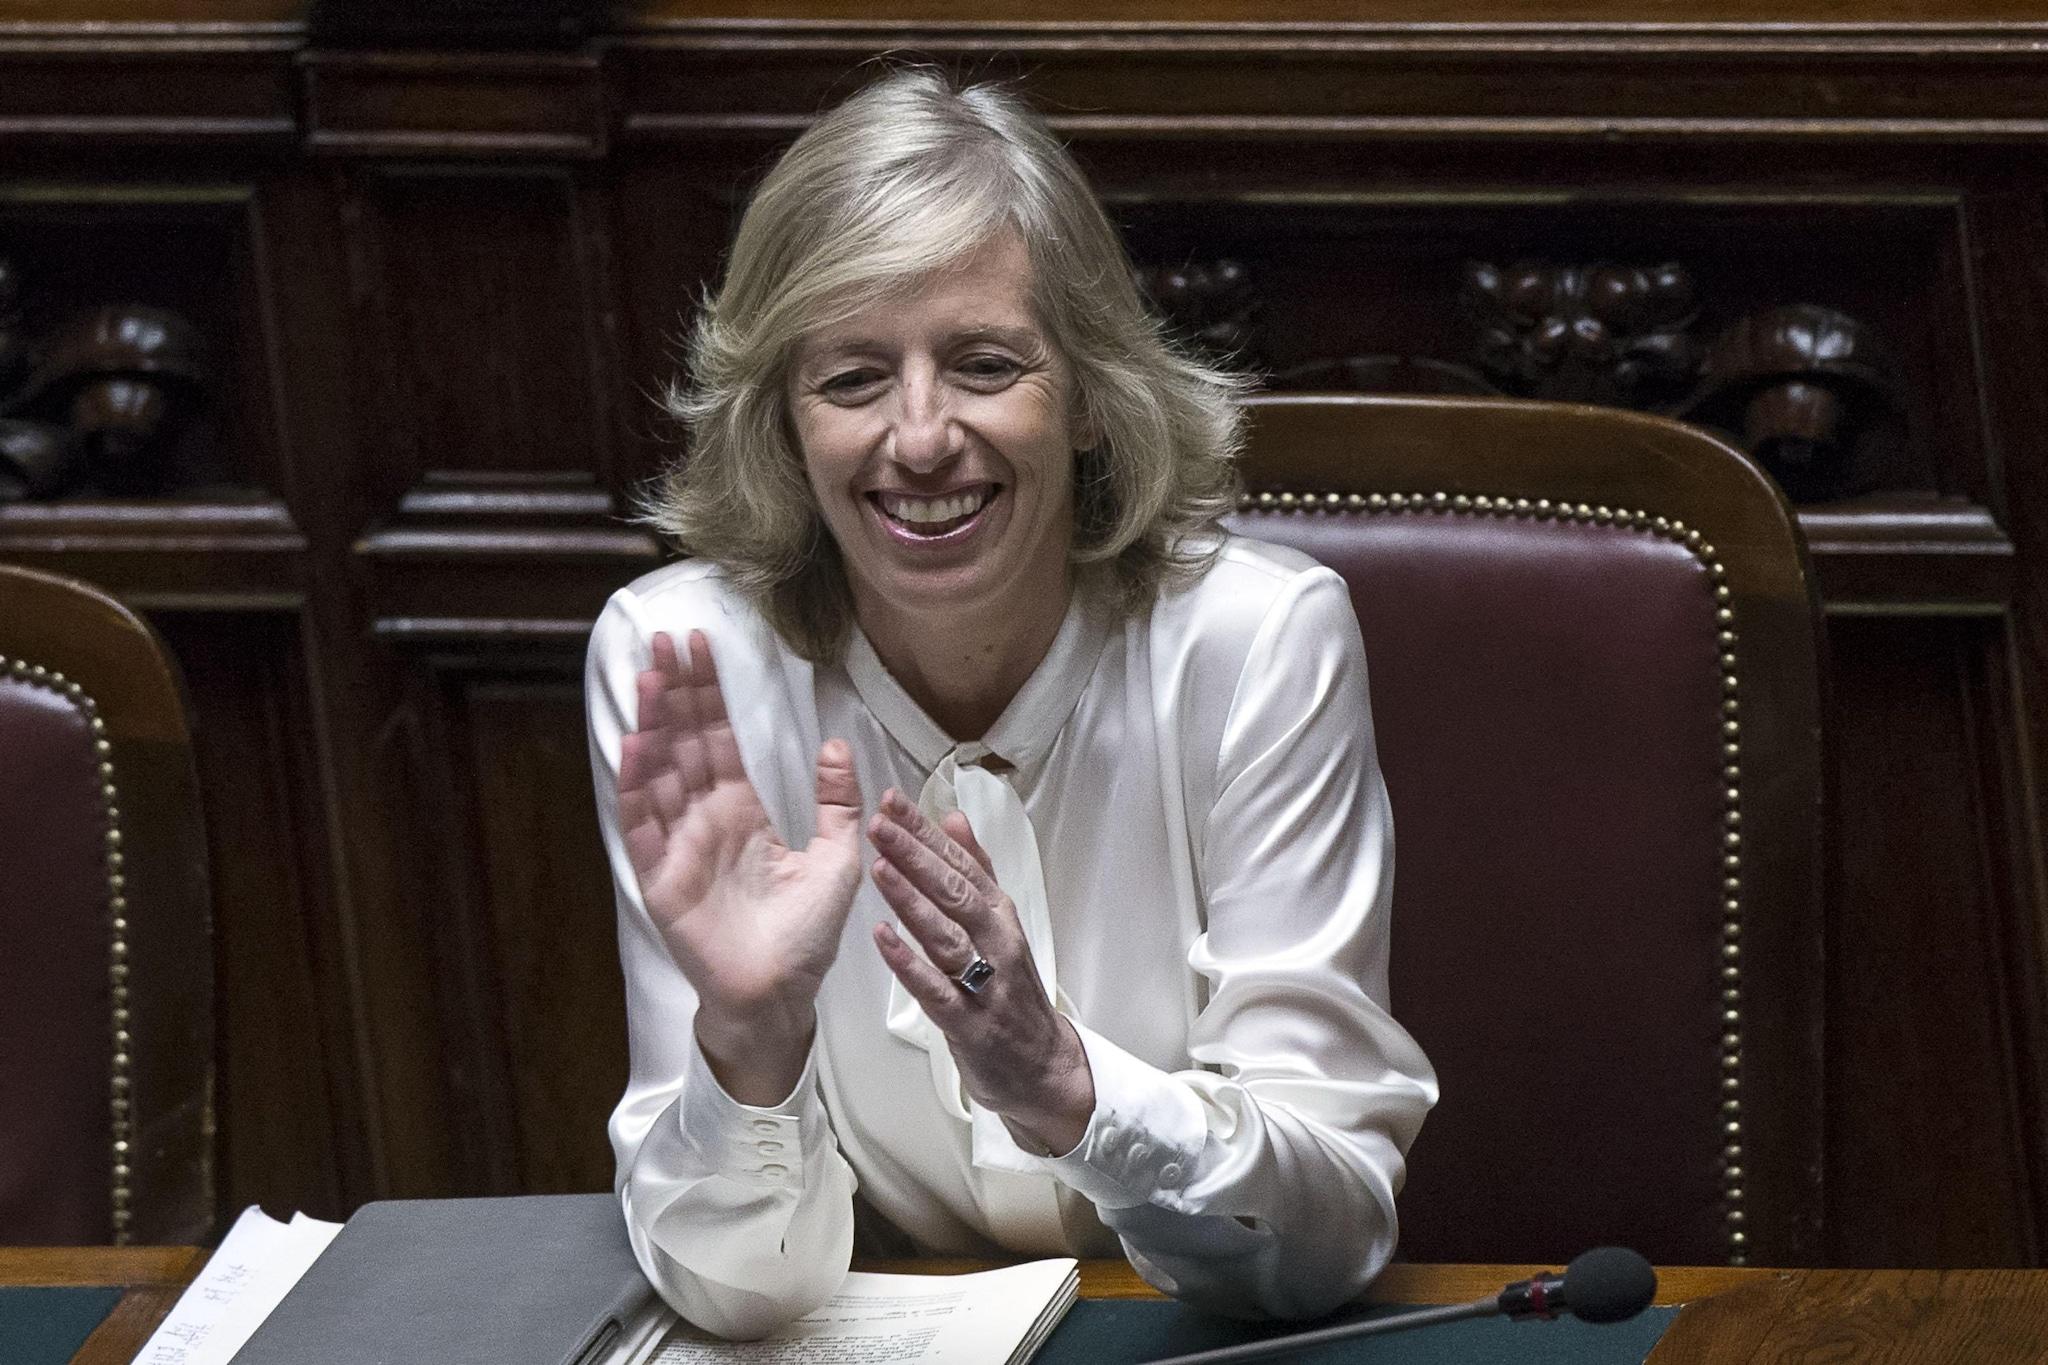 La ministra dell'Istruzione Stefania Giannini